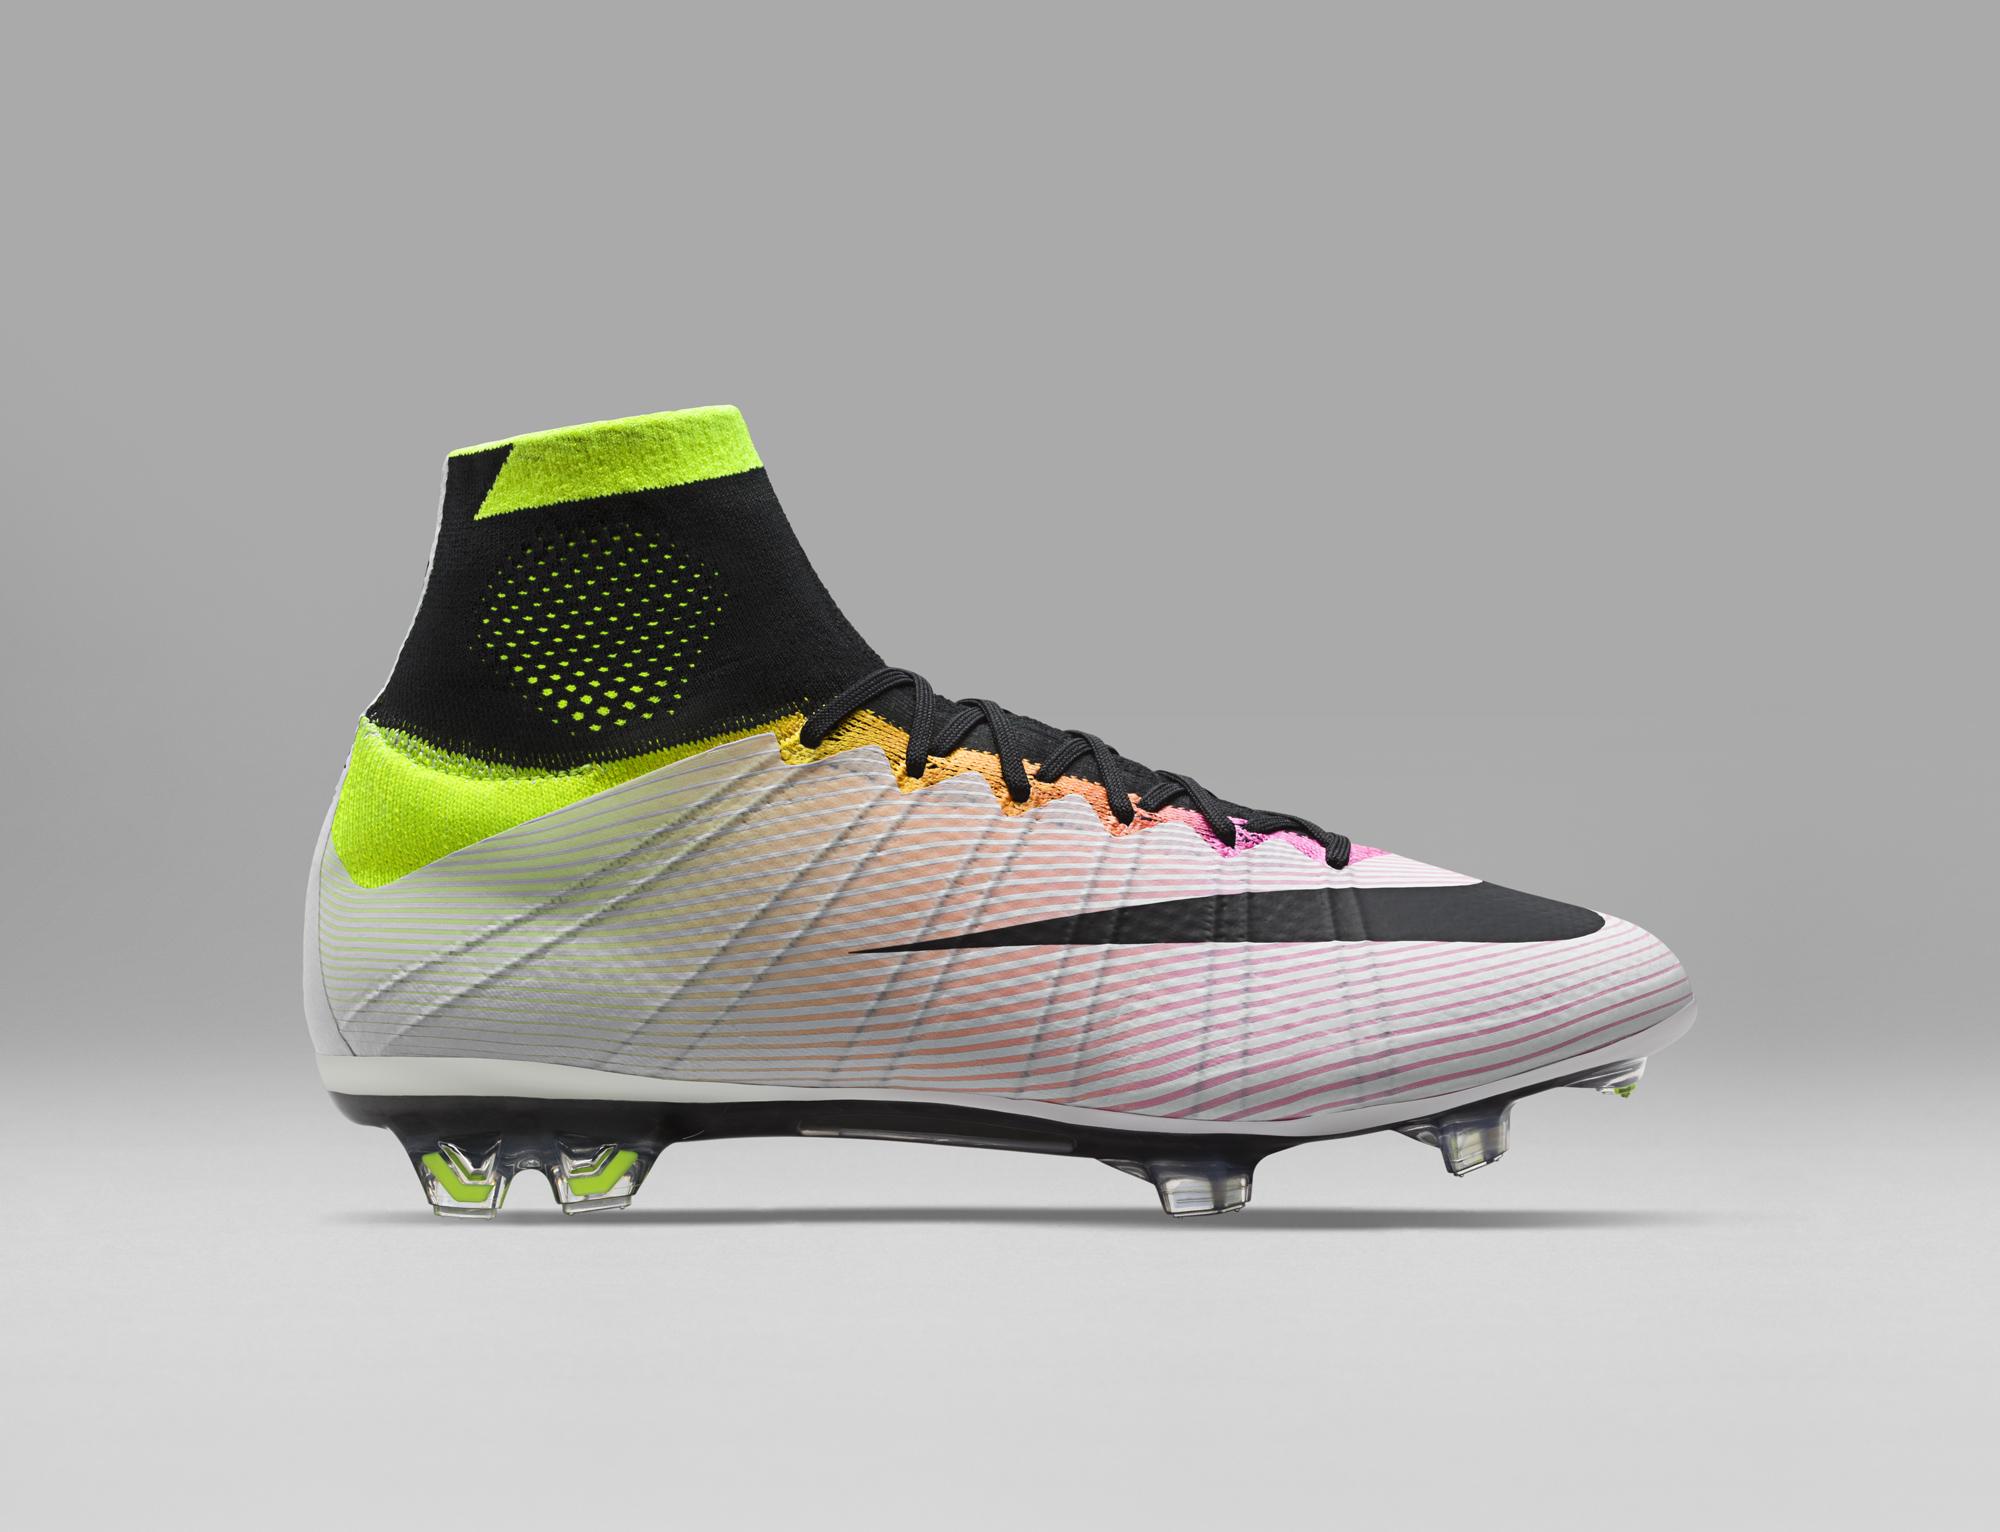 Primaverile Le Nuove Da Calcio Look Per Scarpe Il NikePresentato l1JcFK